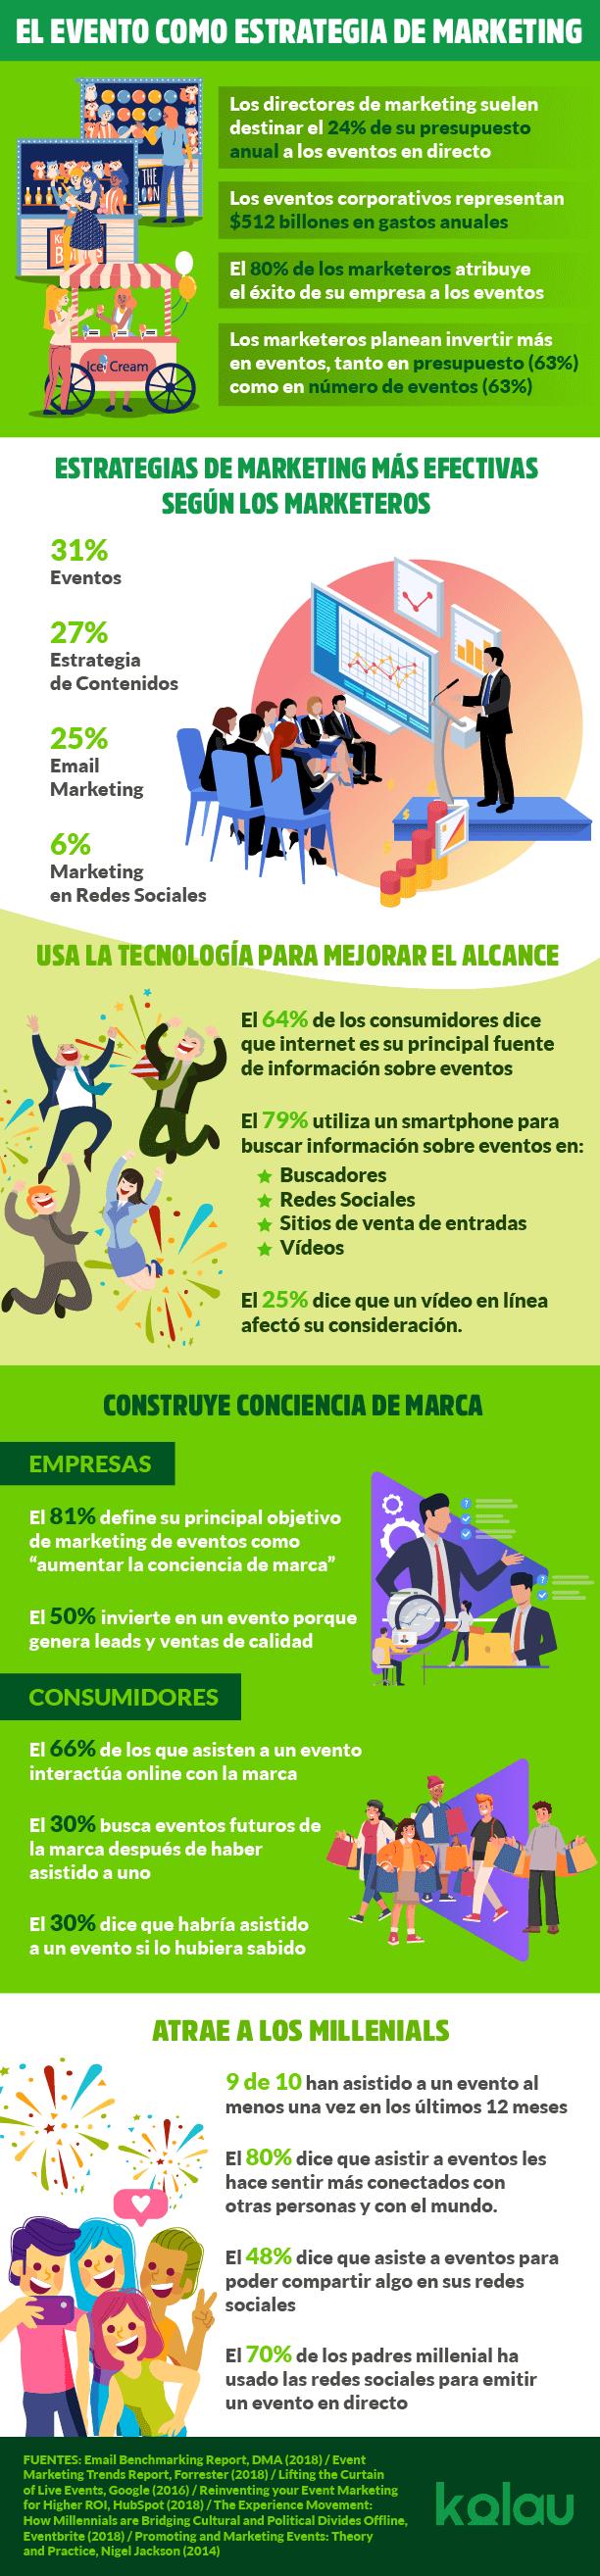 Infografía sobre marketing para eventos.